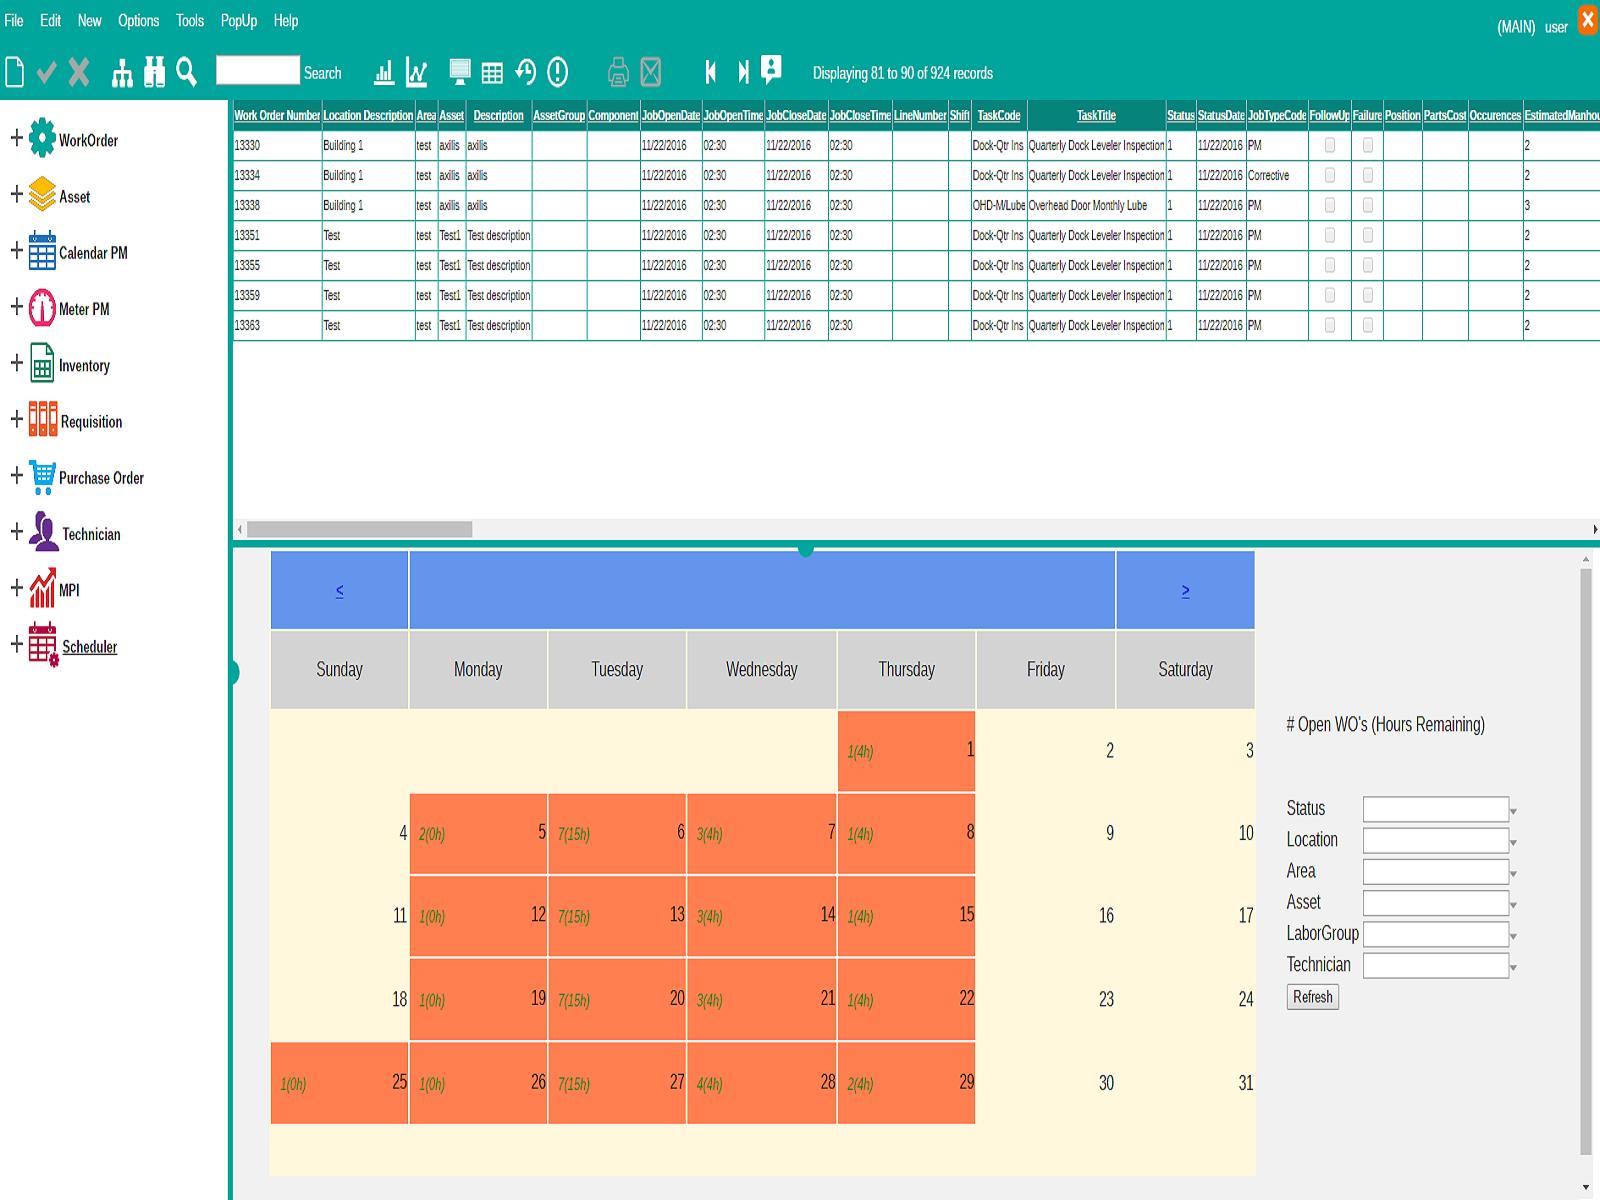 ePAC Software - Scheduler screen